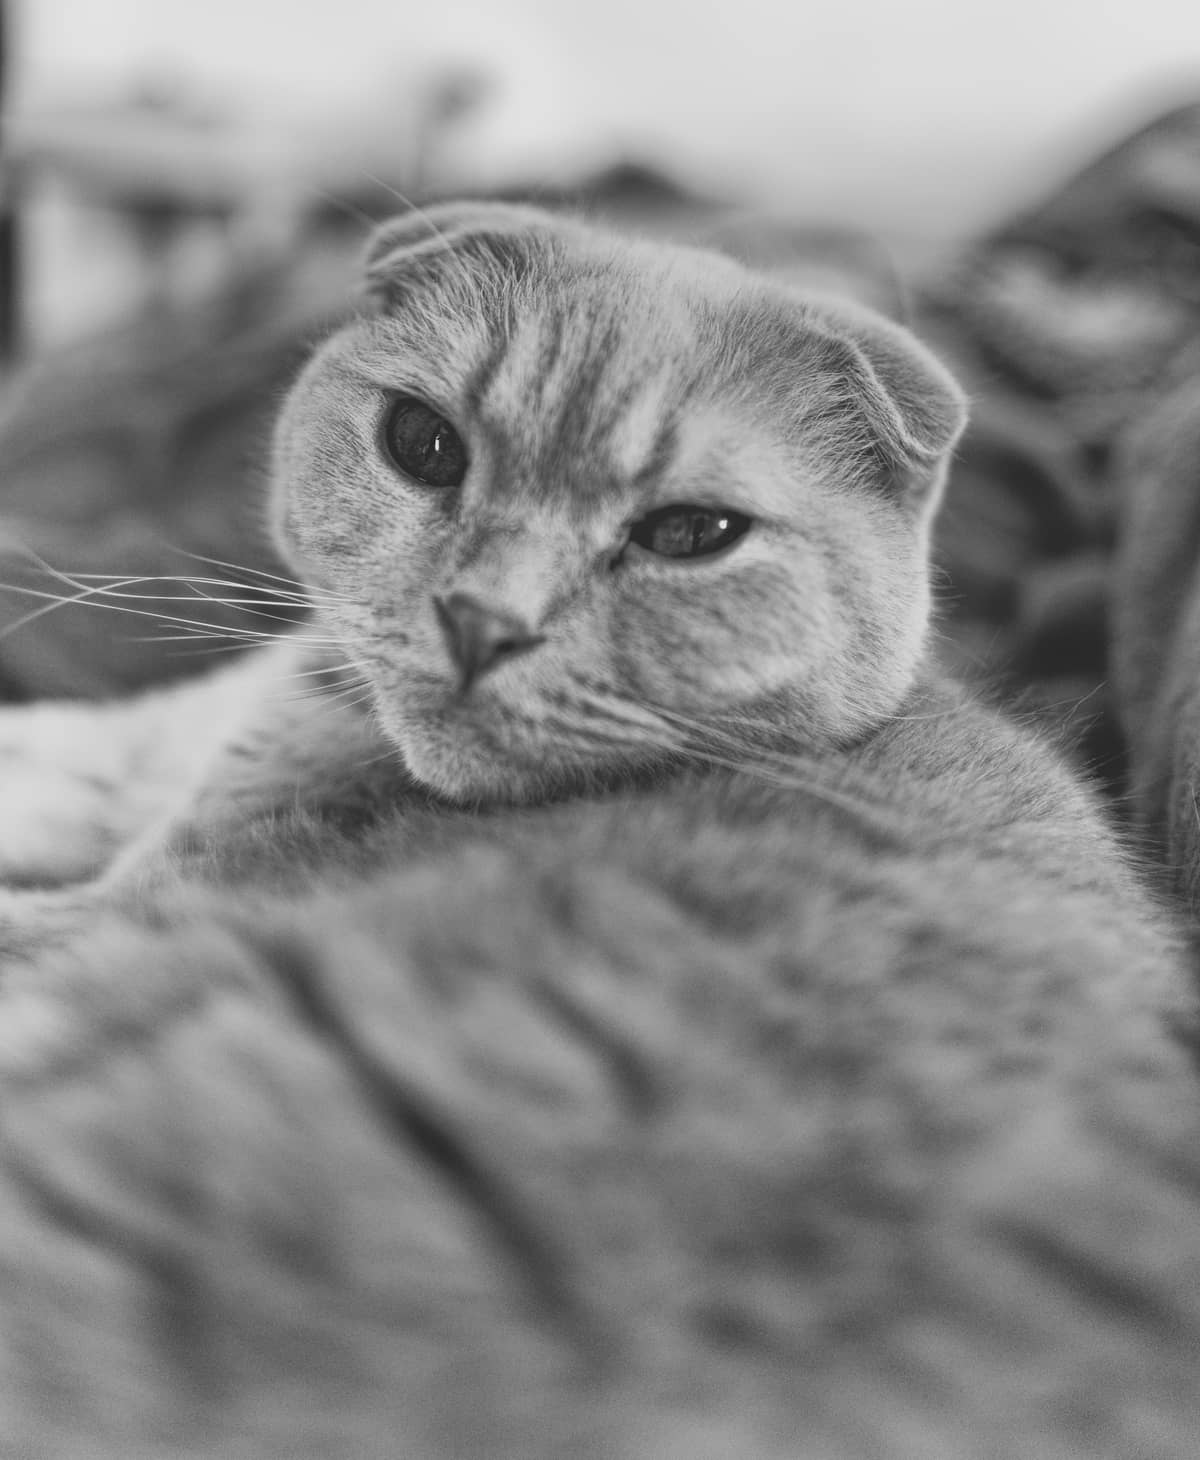 Tarzan eine scotish fold Katze, fotografiert von Danny Koerber